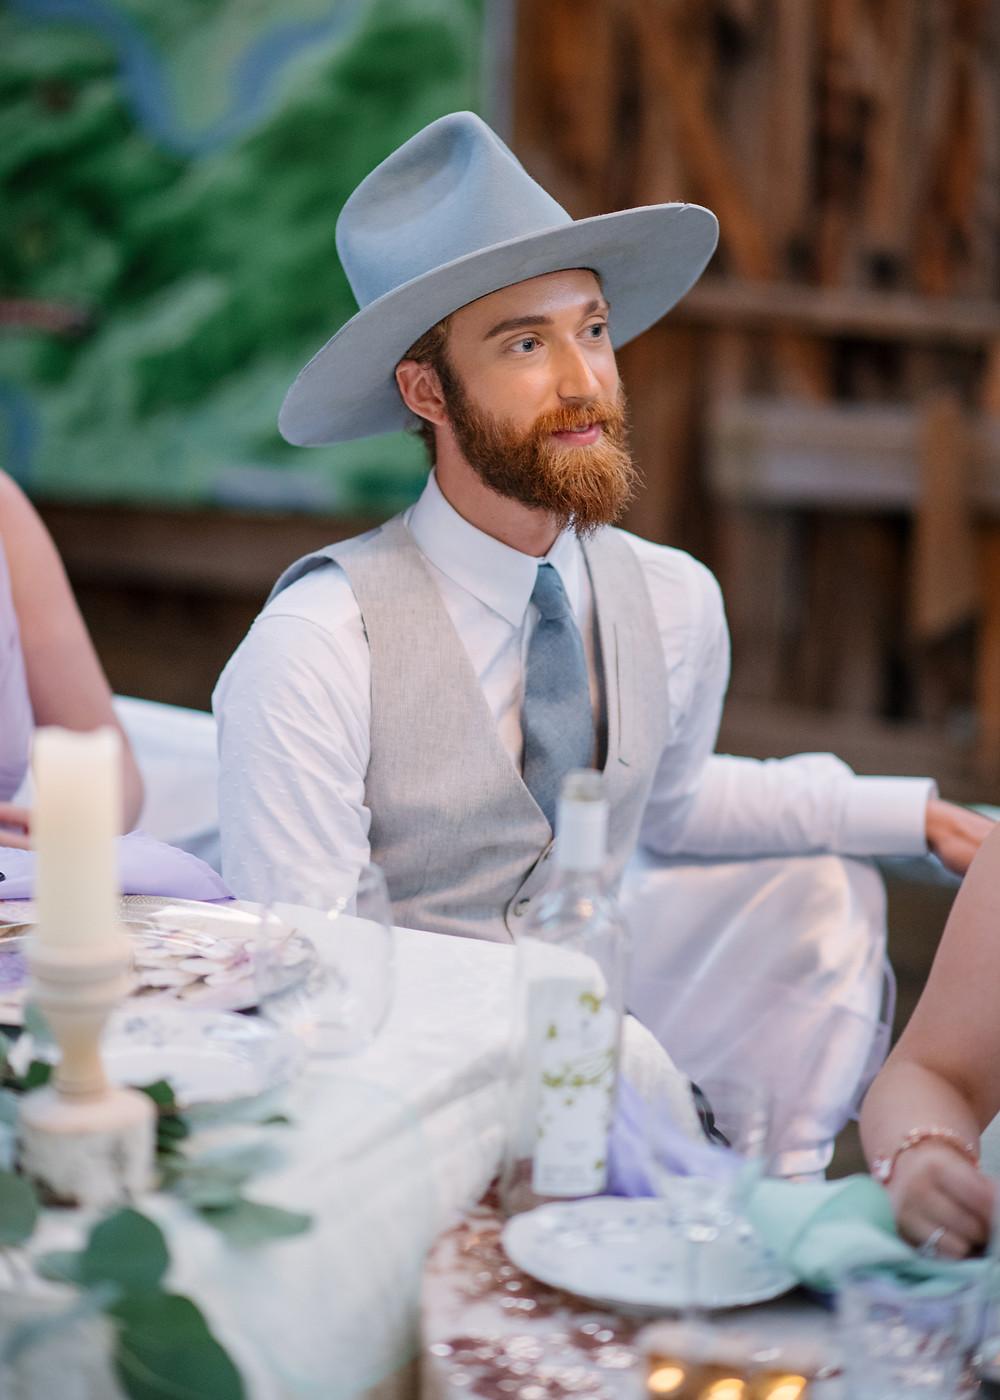 coup-de-tete-wedding-hat